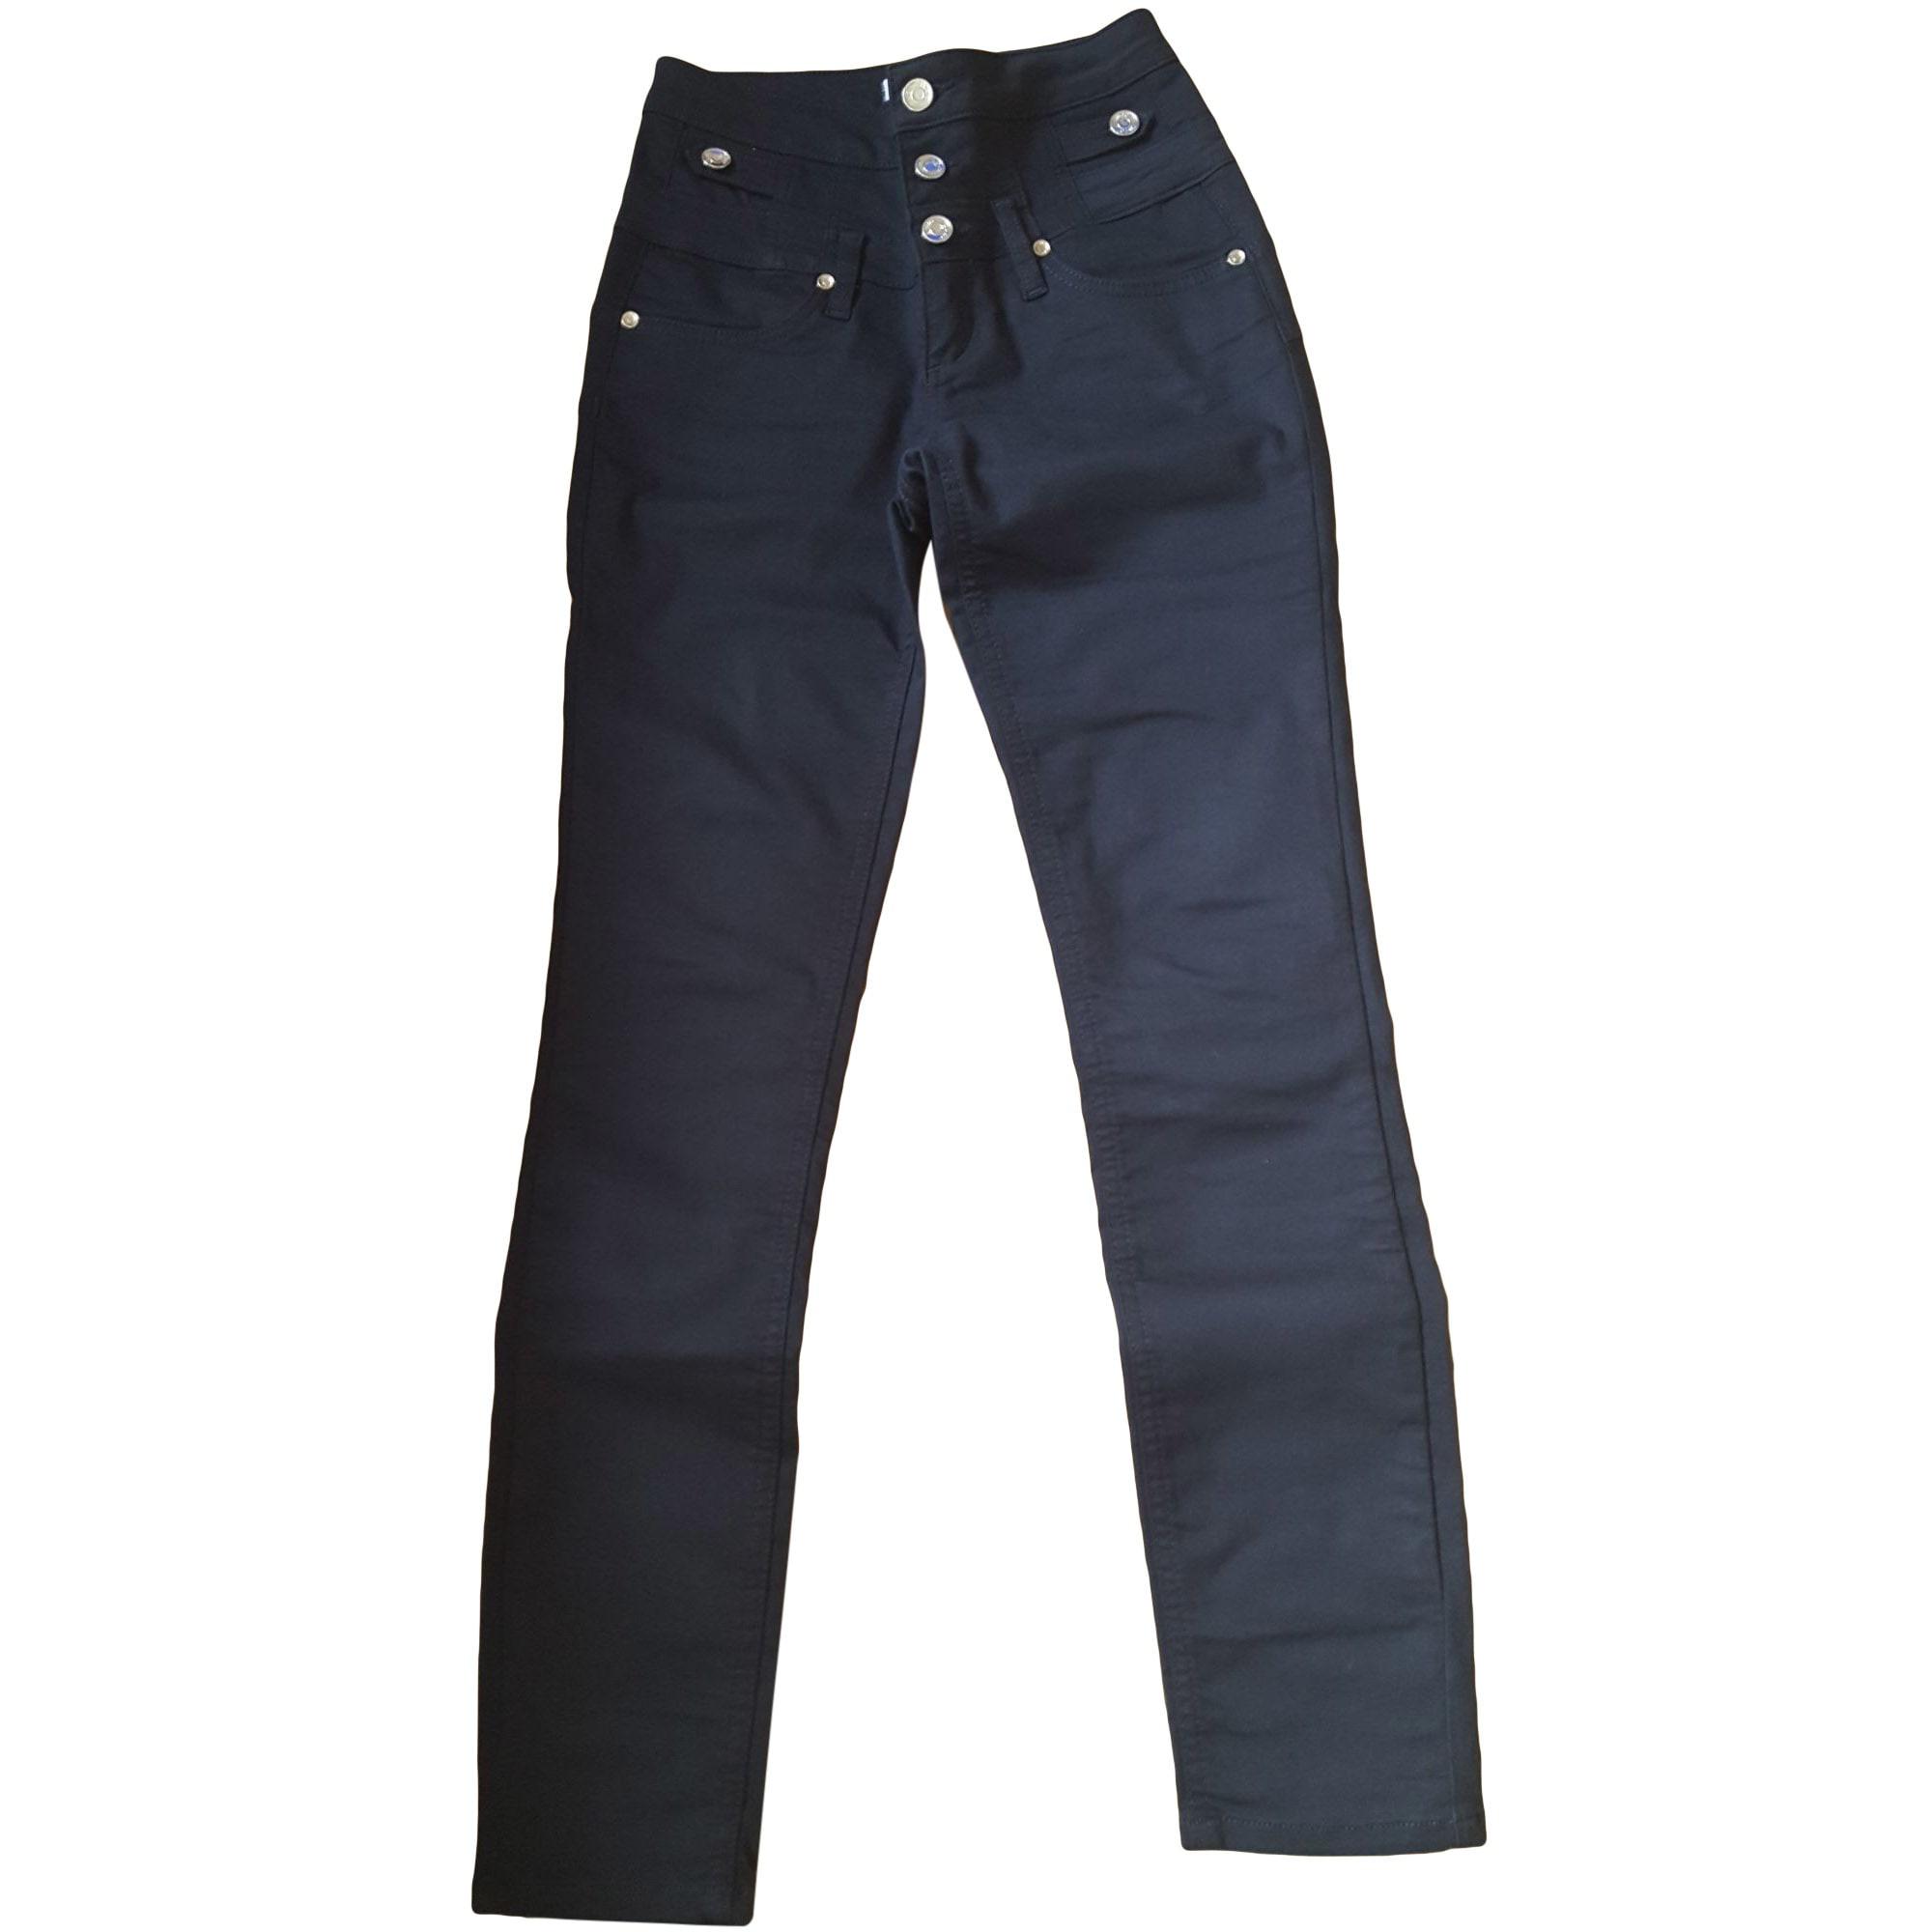 Pantalon Liu 8250587 SlimCigarette Jo 36sT1Bleu eorBQdCxW